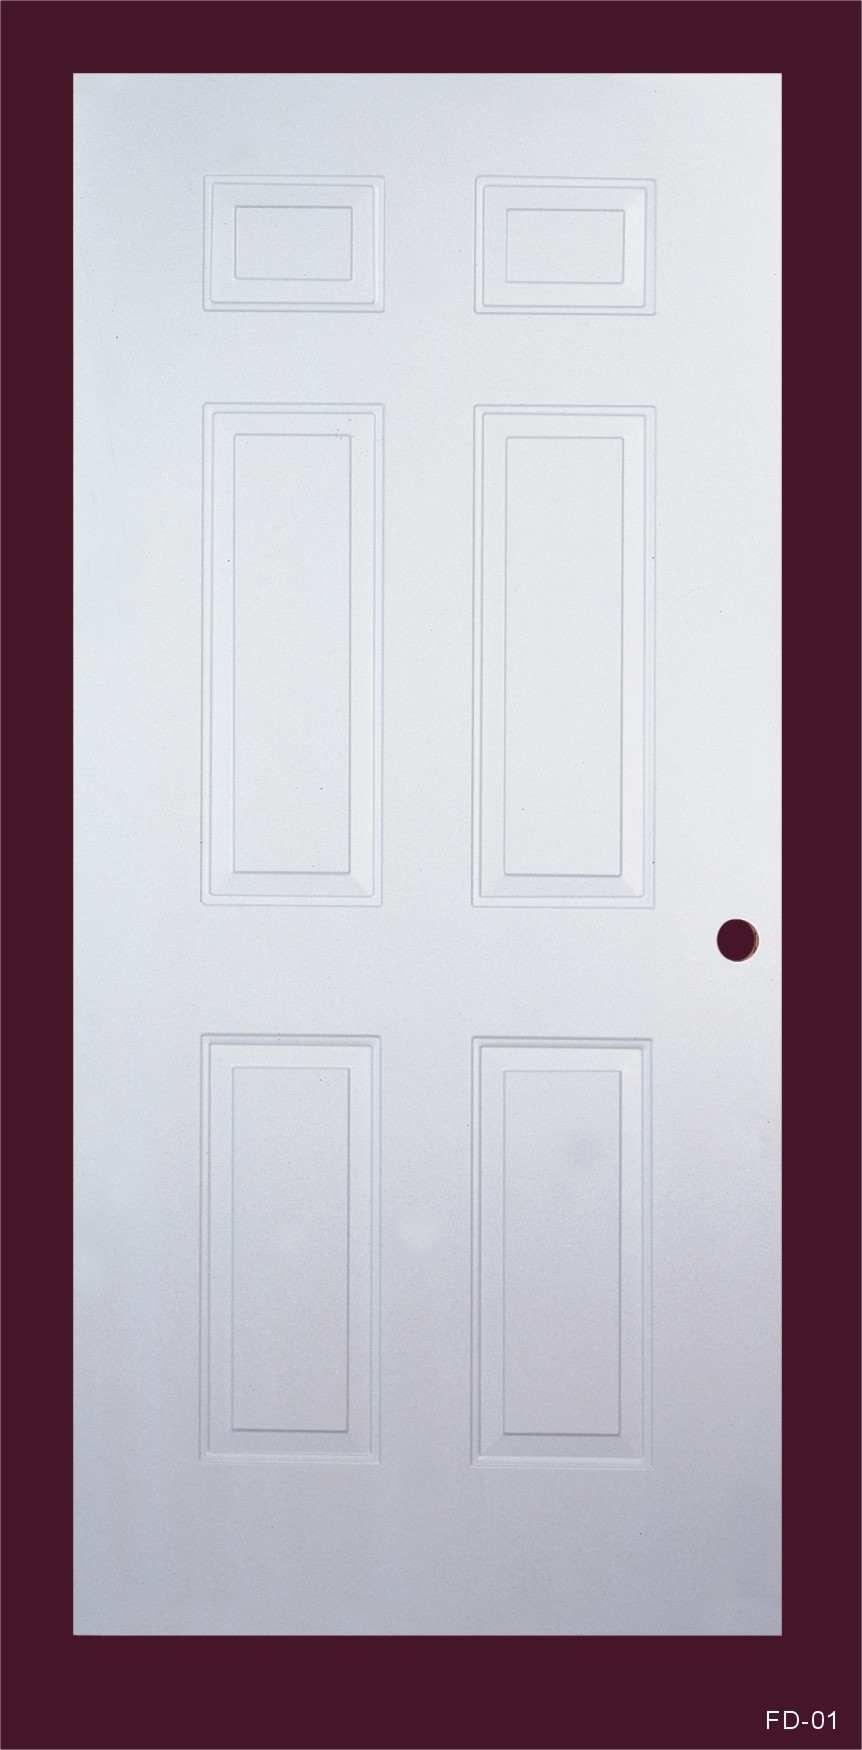 In stile americano in acciaio entrata porte porta id prodotto 10599164 - Finestre stile americano ...